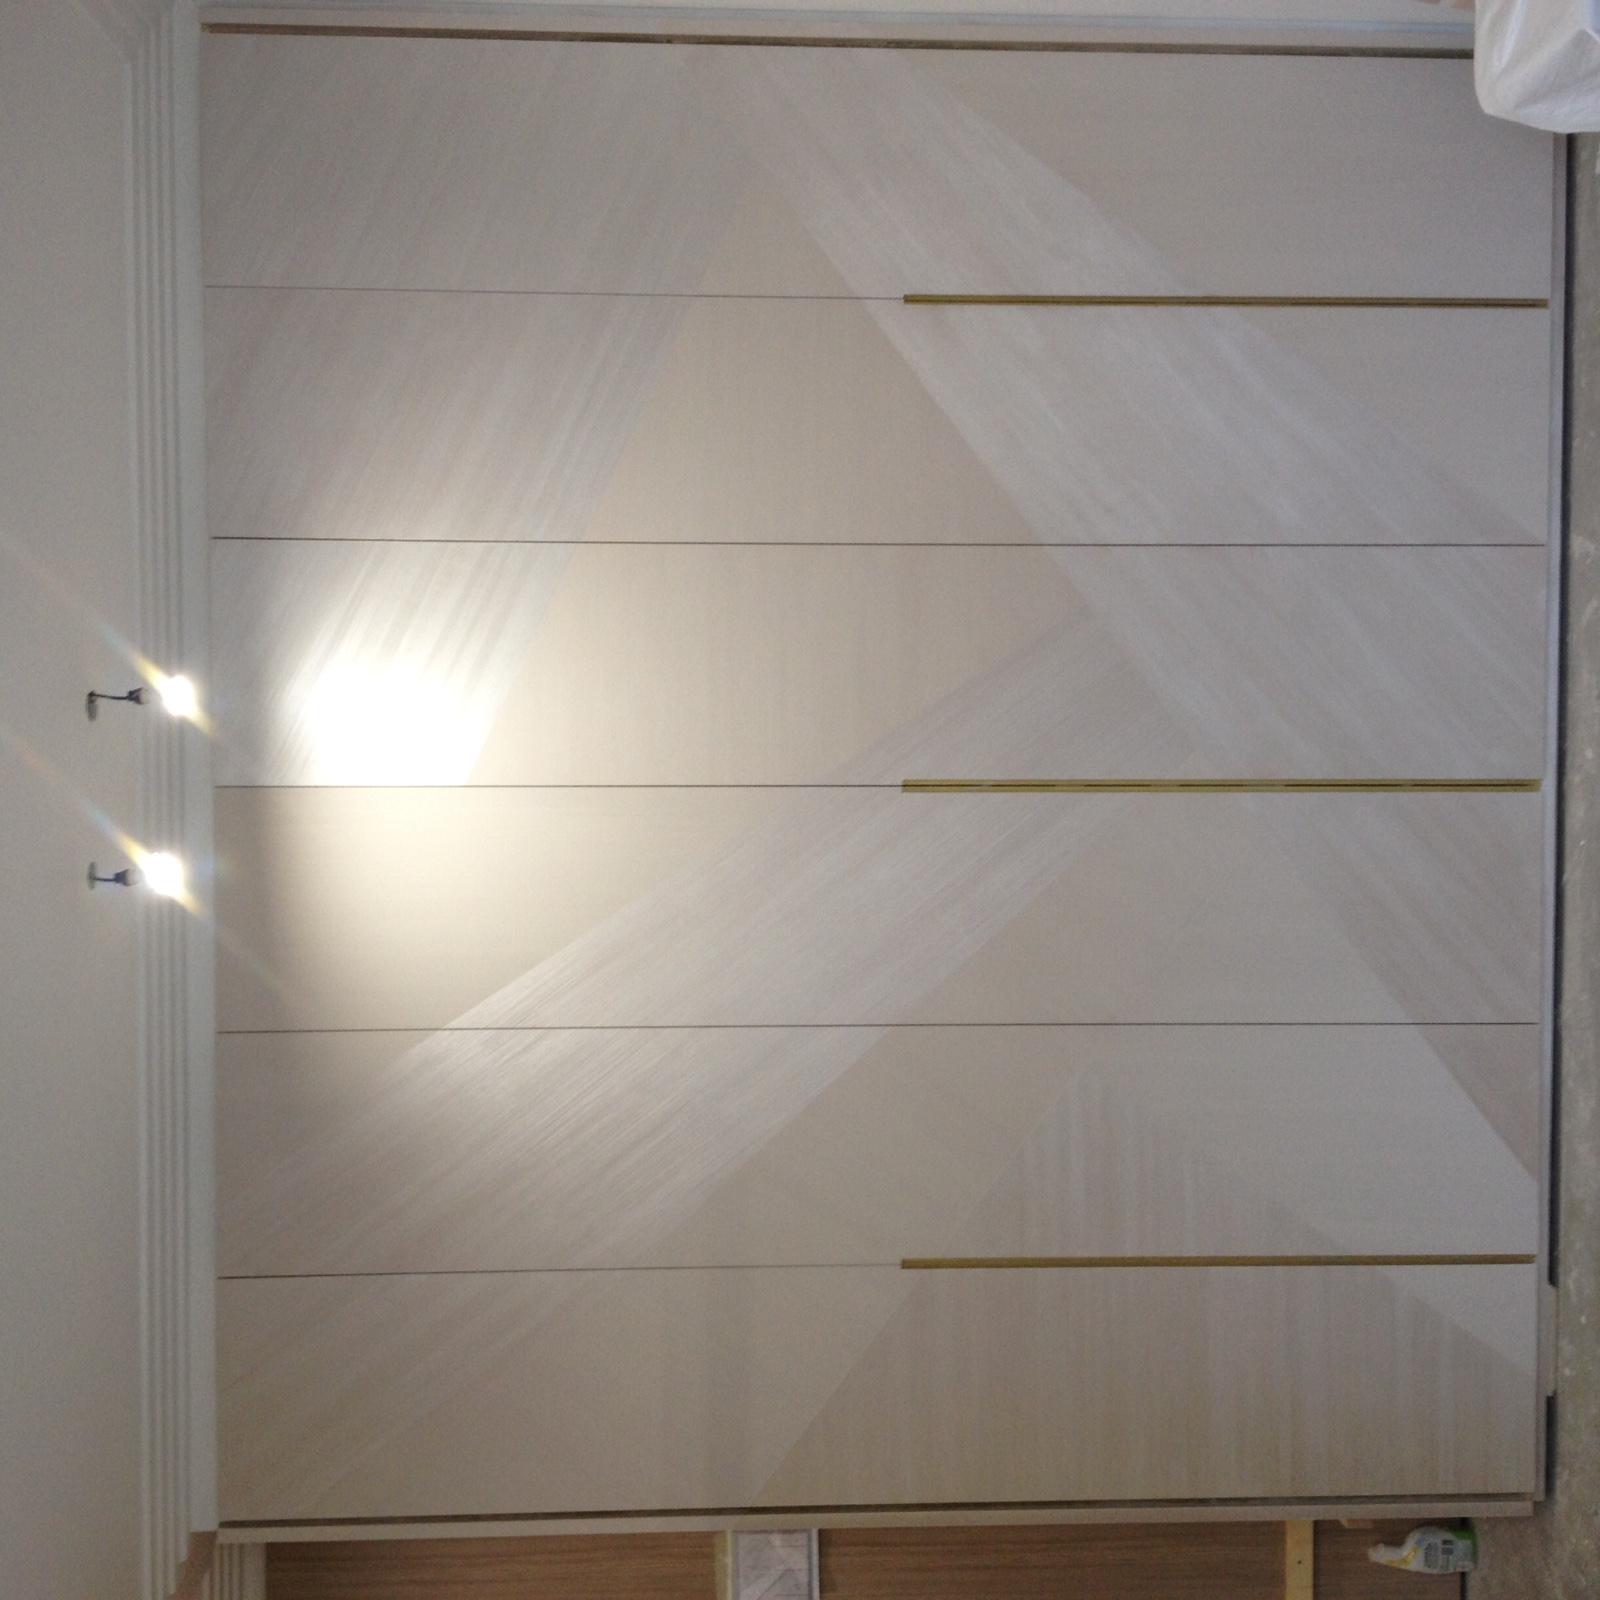 MV DECOR - Portes de dressing traitées en nacre & vernis, design graphique matiéré avec fine ligne d'or (Paris 16è)